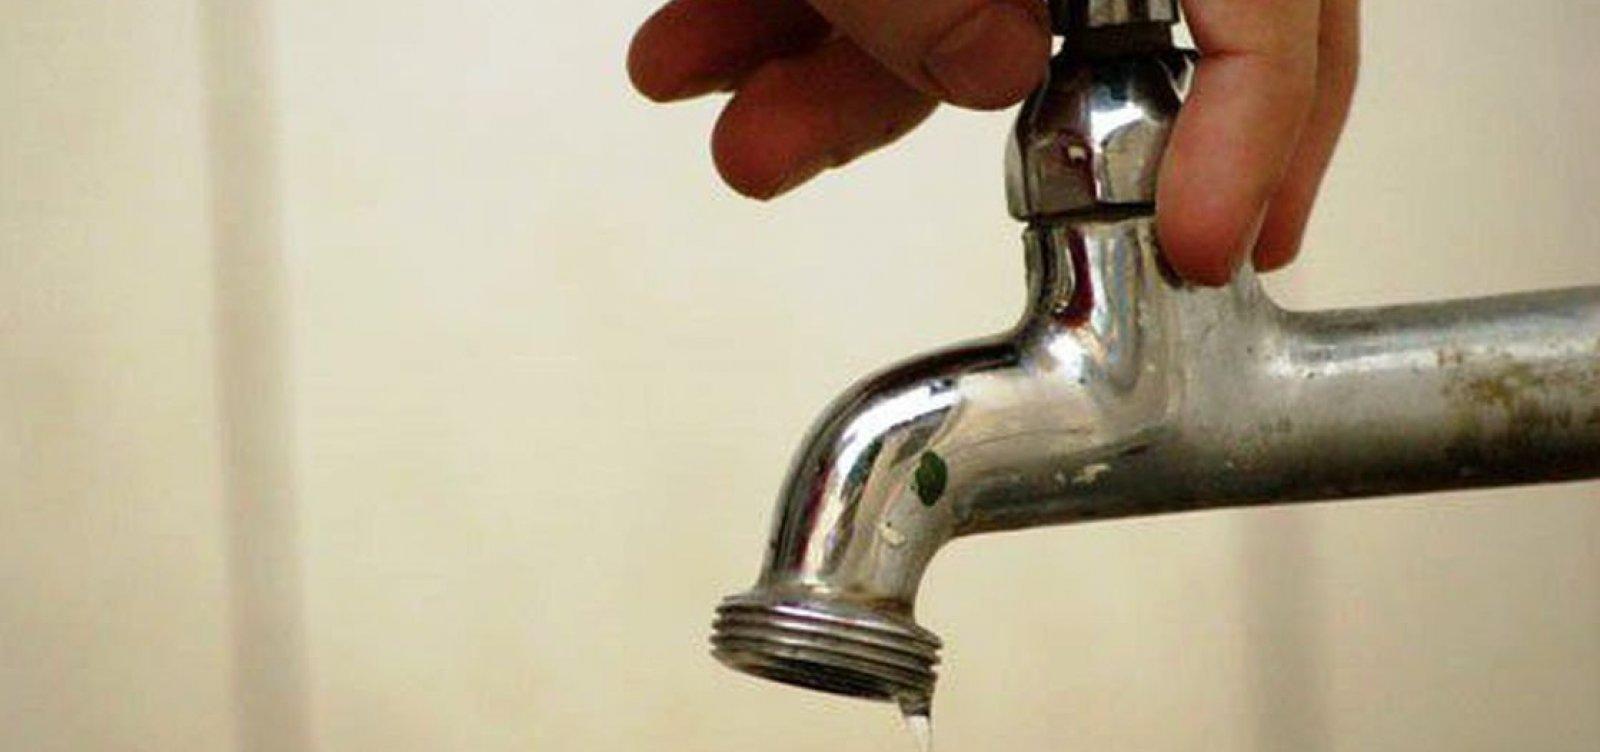 [Abastecimento de água será interrompido em pelo menos 14 bairros de Salvador nesta segunda; confira]